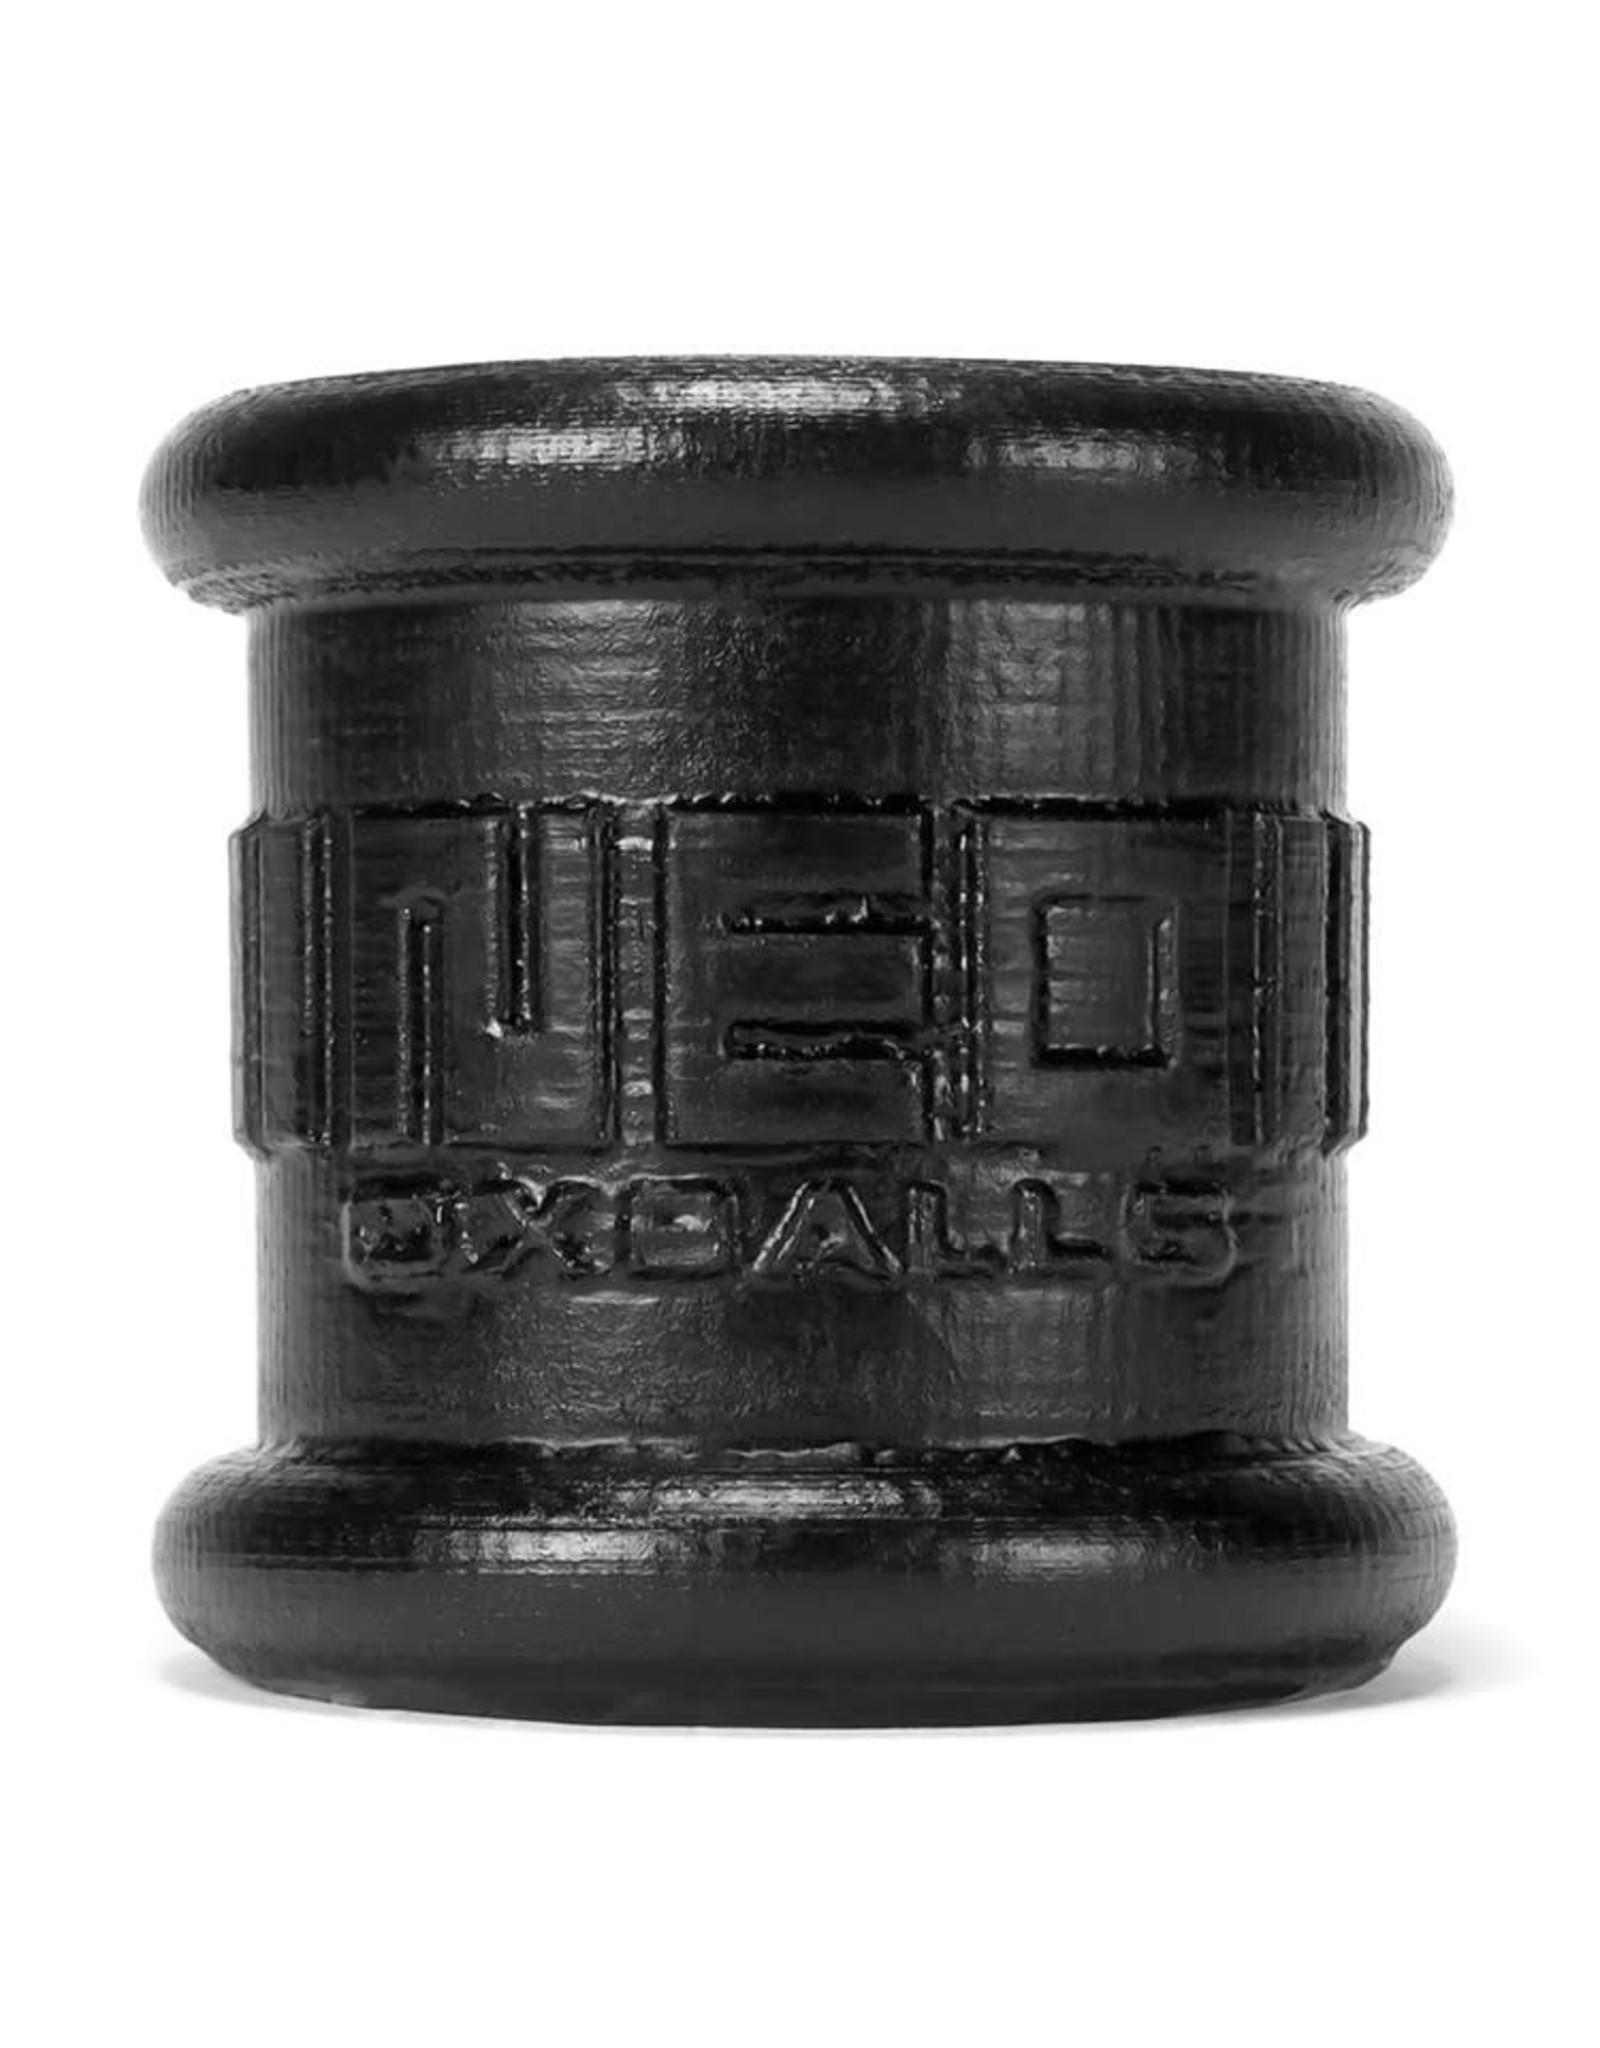 Oxballs OxBalls Neo Ball Stretcher